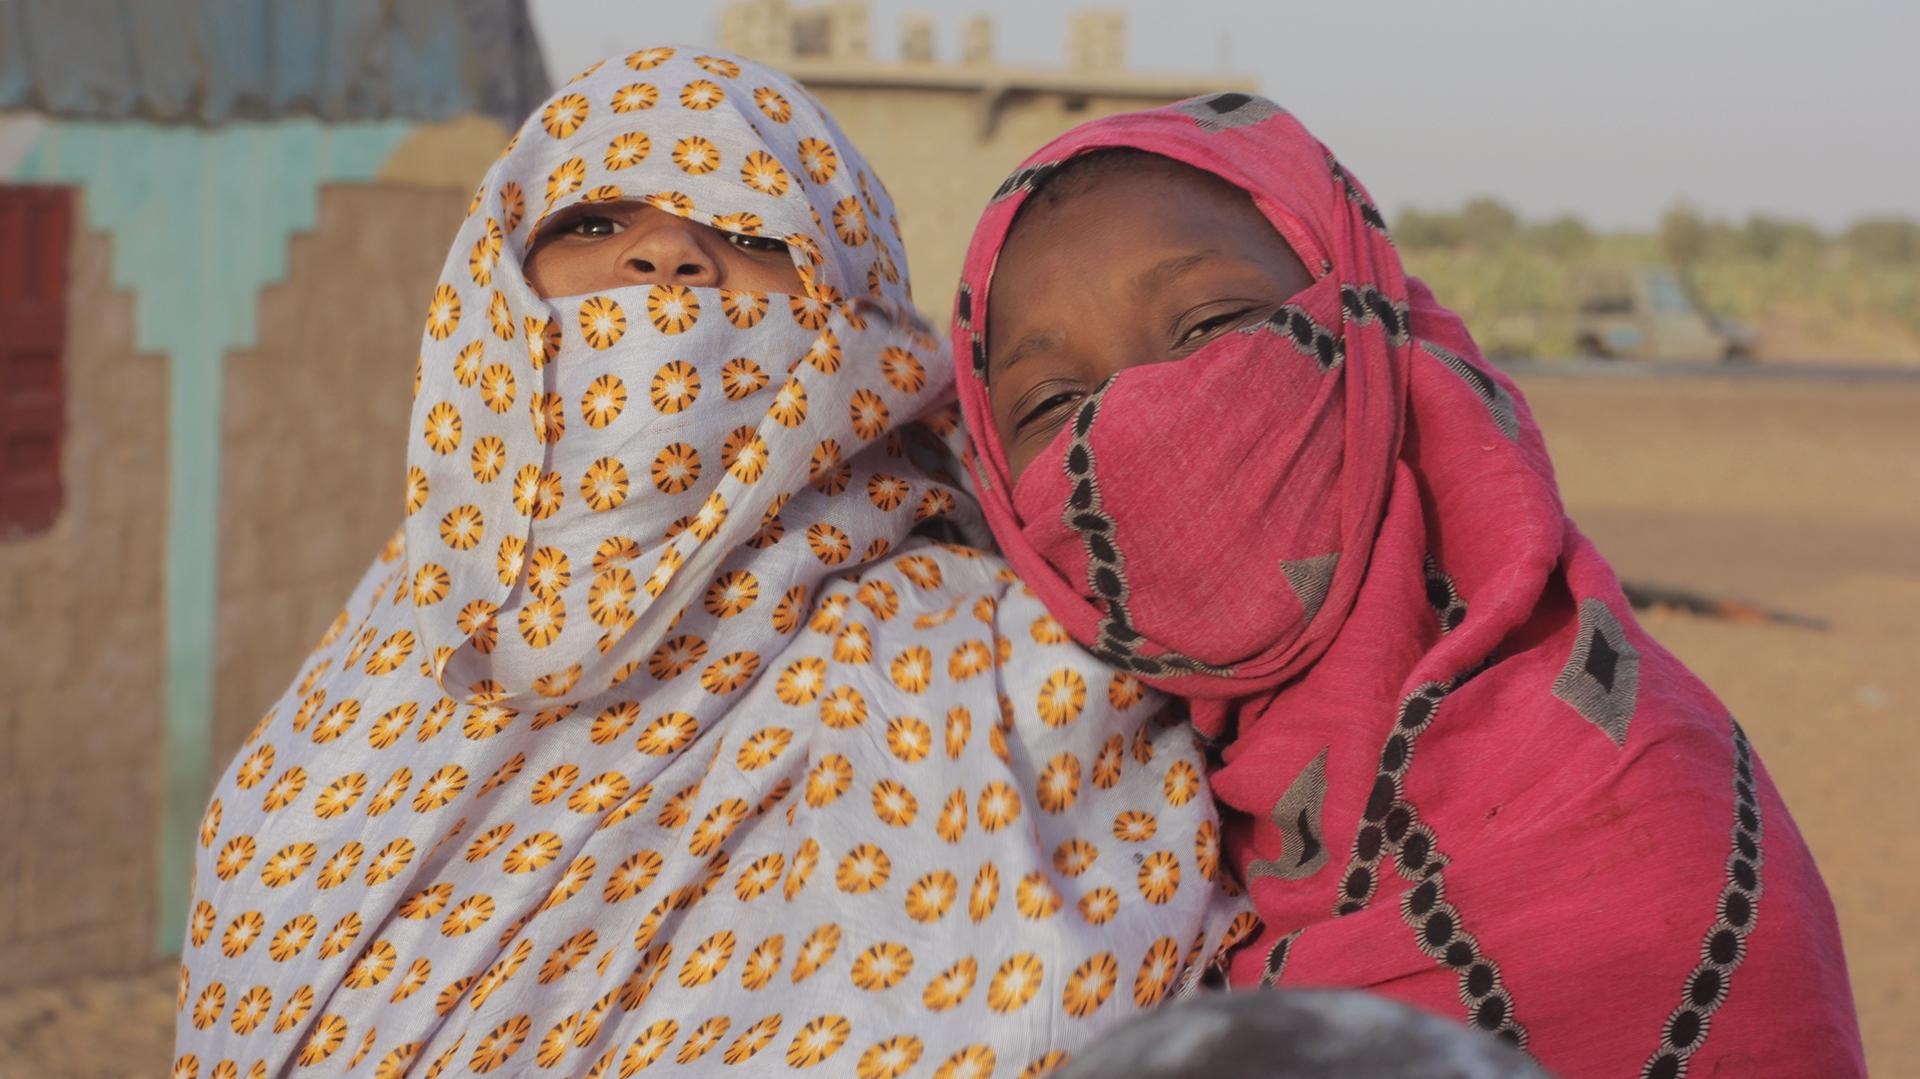 ninas gogui mauritania pablocaminante - Mauritania 5/5, Gogui